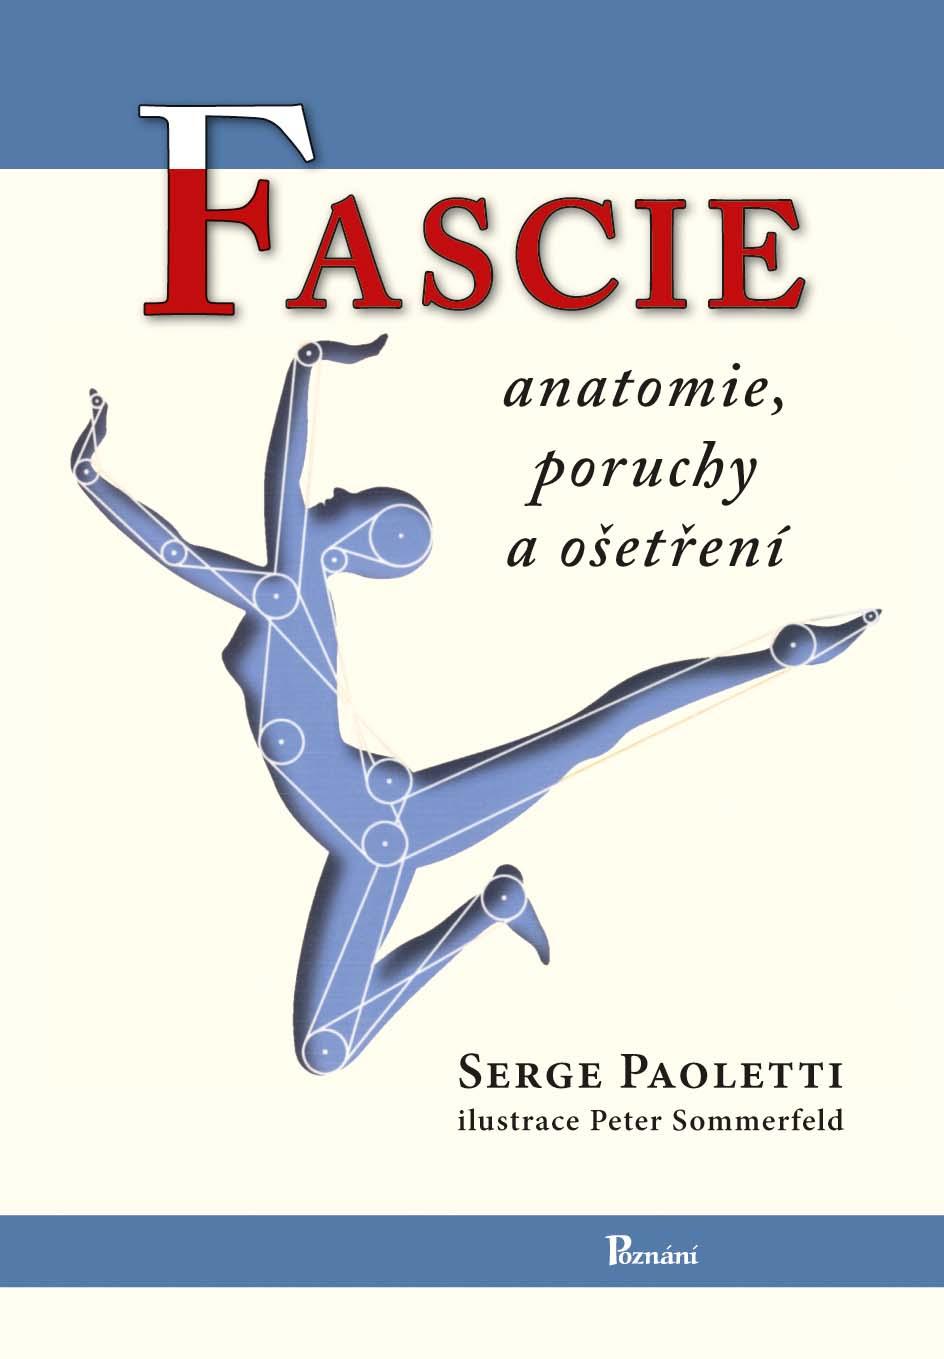 Fascie - anatomie, poruchy a ošetření